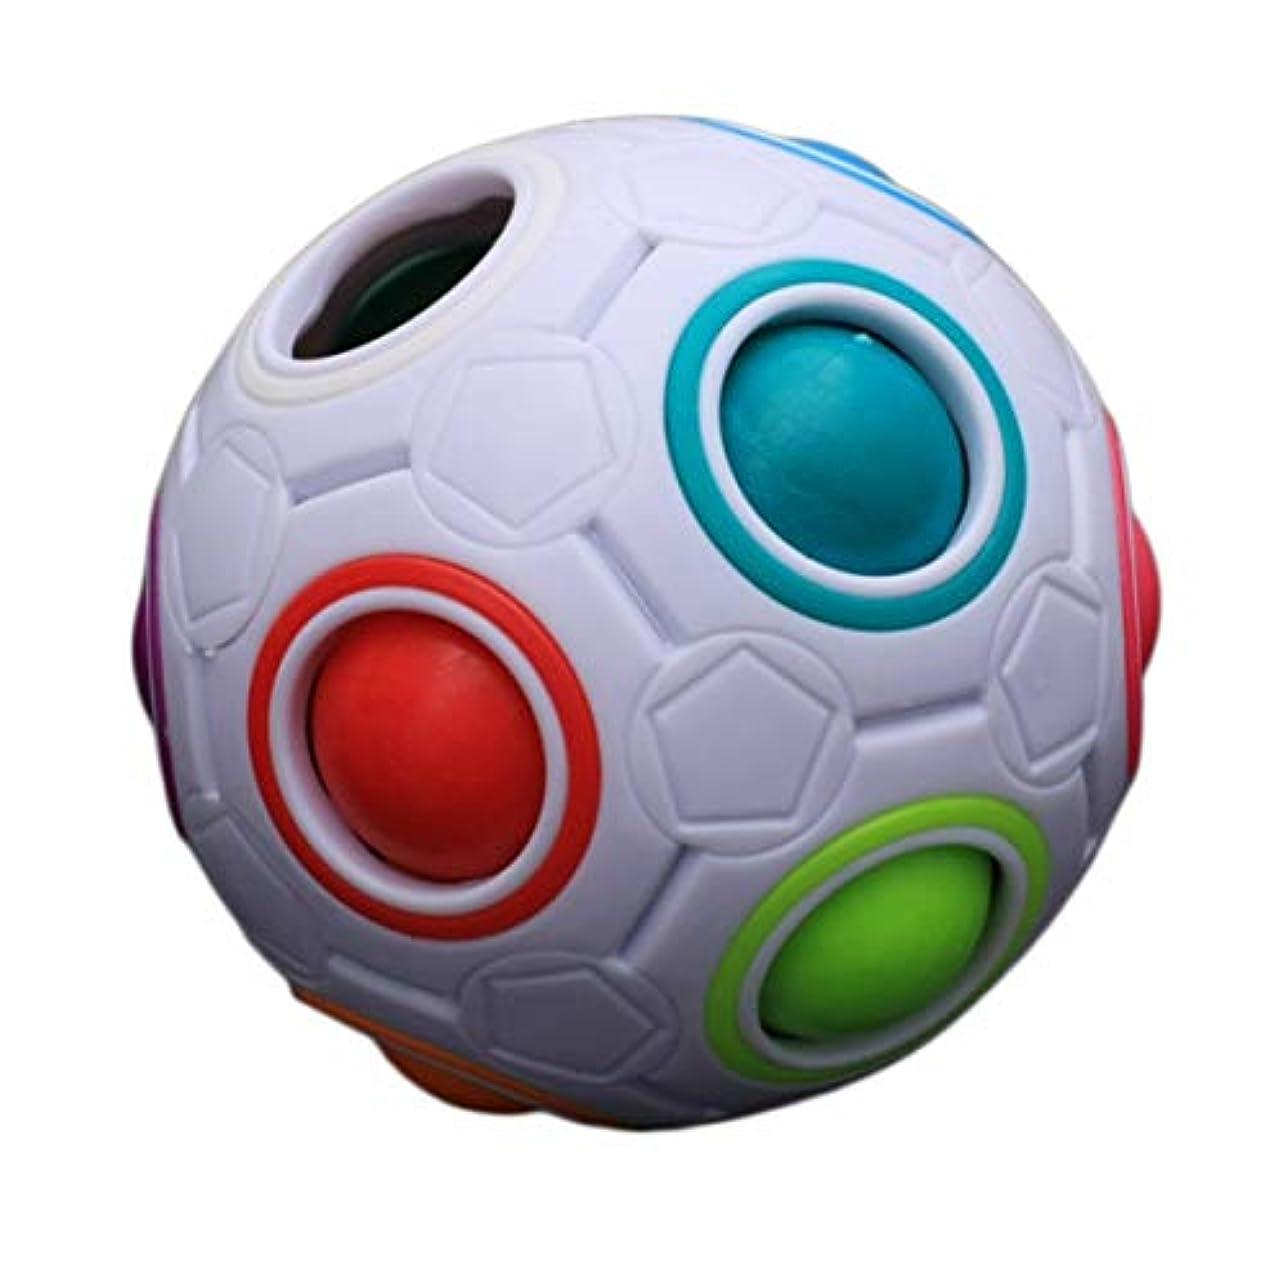 方法警察署正義Tivollyff ユニークな子供子供球形レインボーボールサッカーマジック玩具カラフルな学習教育パズルブロックおもちゃギフト用赤ちゃん